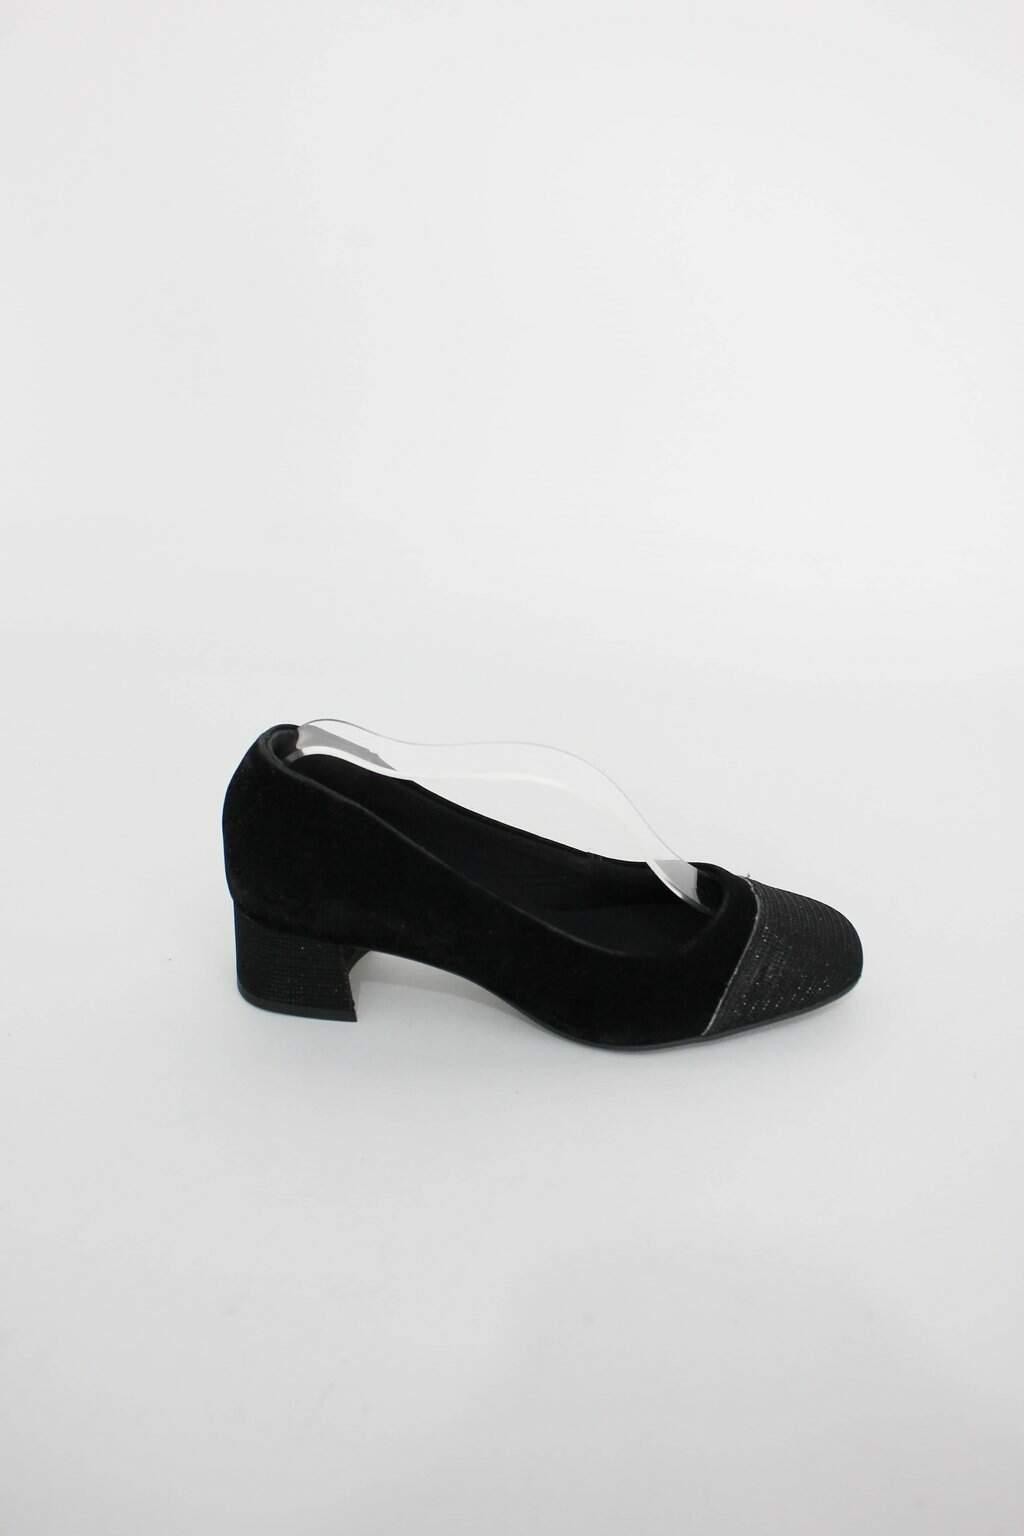 Sapato mississipi feminino preto